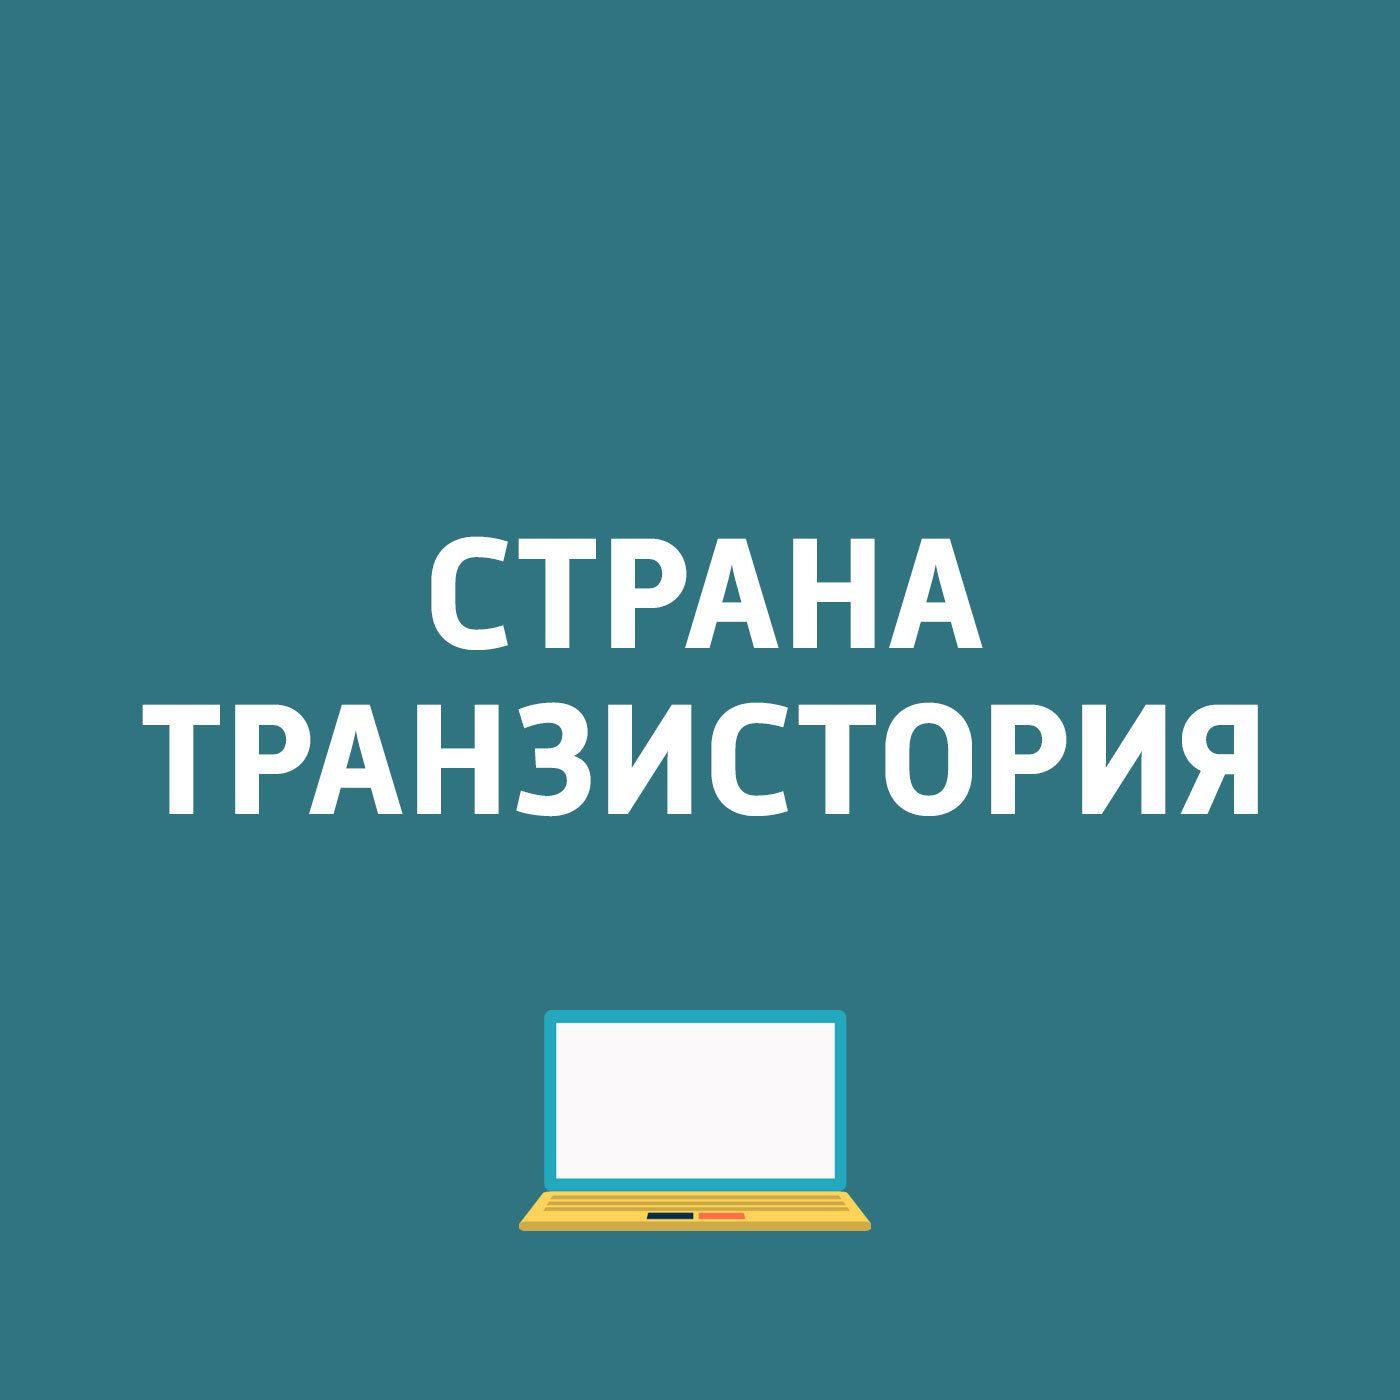 Картаев Павел Как работают приложения, которые обещают бонусы за шаги картаев павел facebook удалит маски индейца и обамы viber зашифровал чаты